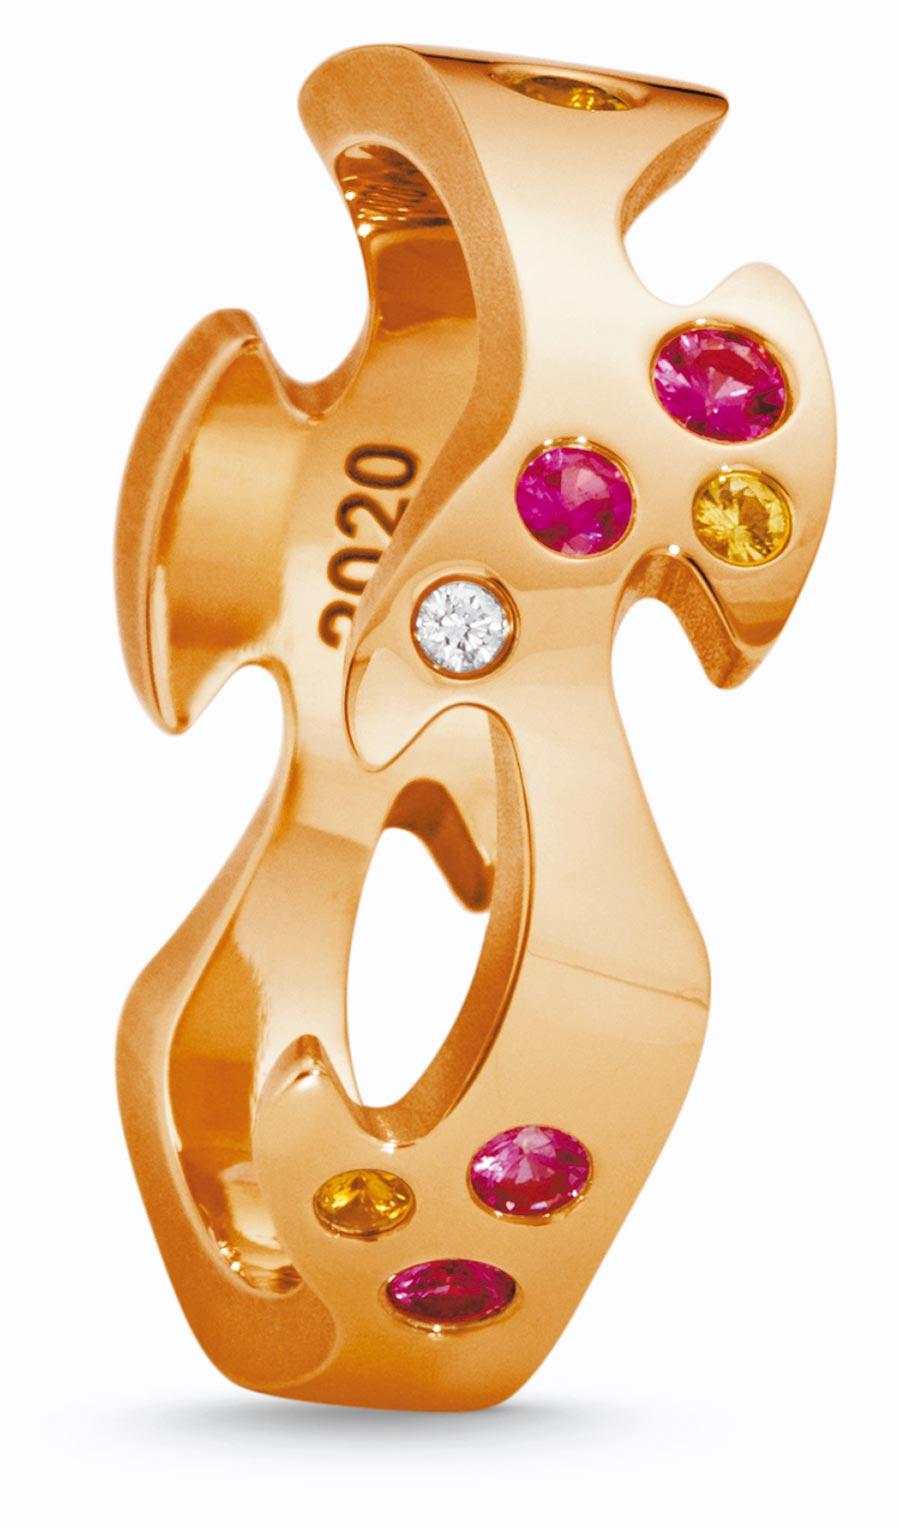 喬治傑生FUSION年度限量訂製玫瑰金中圈戒指,鑲嵌粉紅剛玉、黃色剛玉等,約6萬6600元起。(GEORG JENSEN提供)